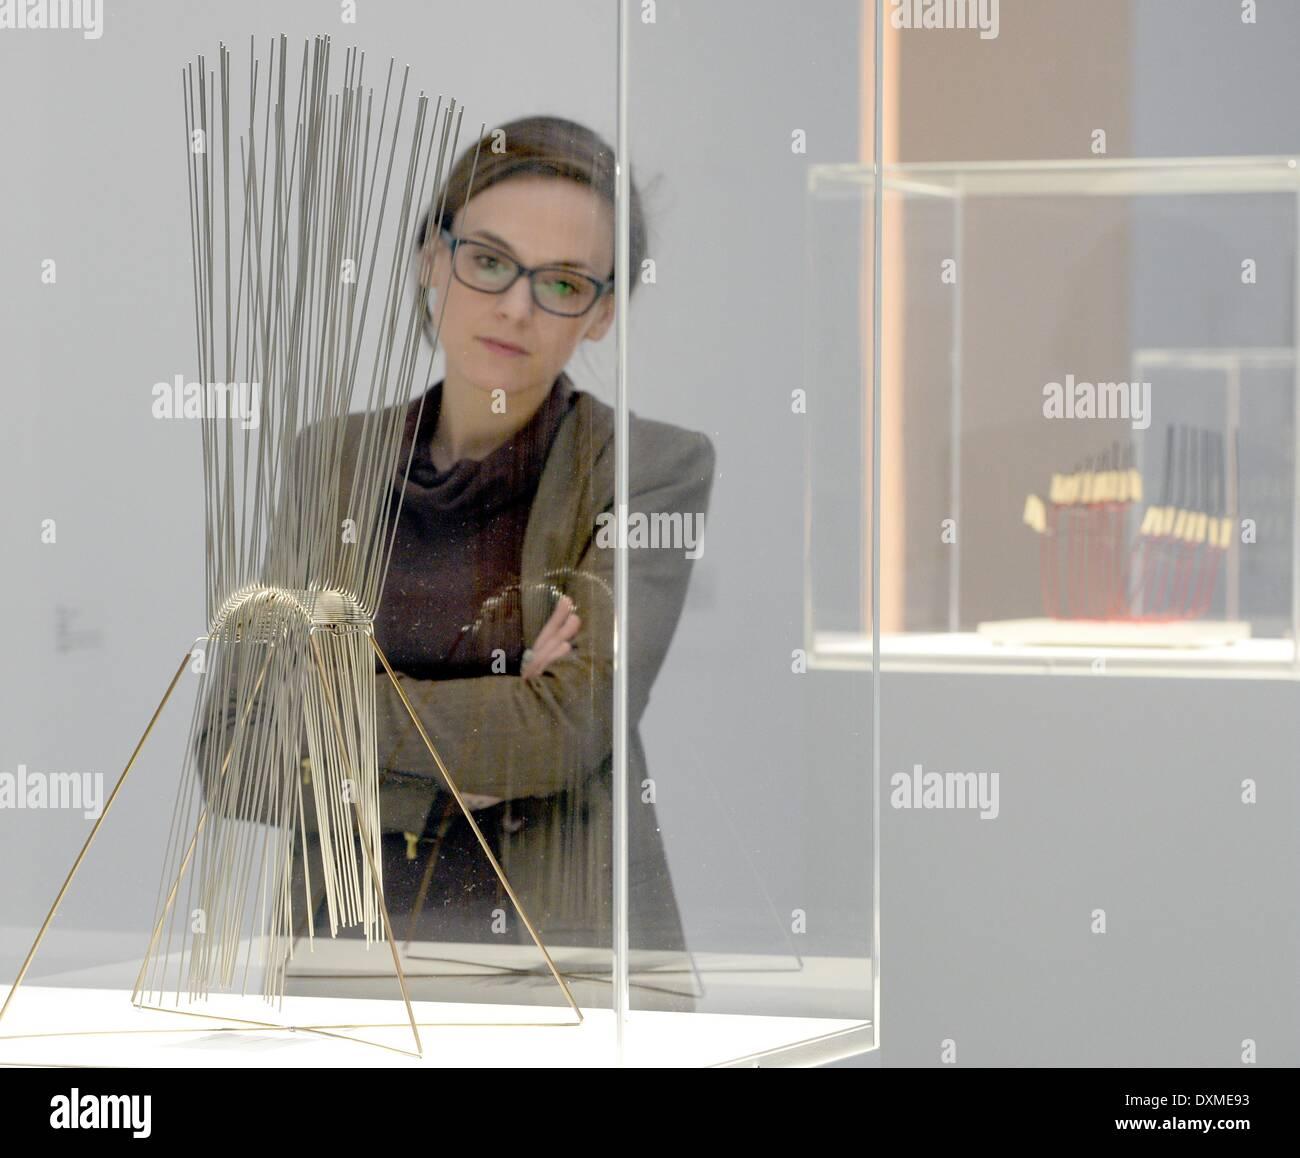 Stuttgart, Allemagne. Mar 27, 2014. Un visiteur de l'aperçu se place en avant de l'œuvre 'verticales, cruz de tubos de cobre' à partir de 1970 par l'artiste Gertrud Goldschmidt (nom de l'artiste Gego) dans le Kunstmuseum de Stuttgart, Allemagne, 27 mars 2014. L'exposition est présentée du 29 mars au 29 juin 2014. Photo: BERND WEISSBROD/dpa/Alamy Live News Photo Stock